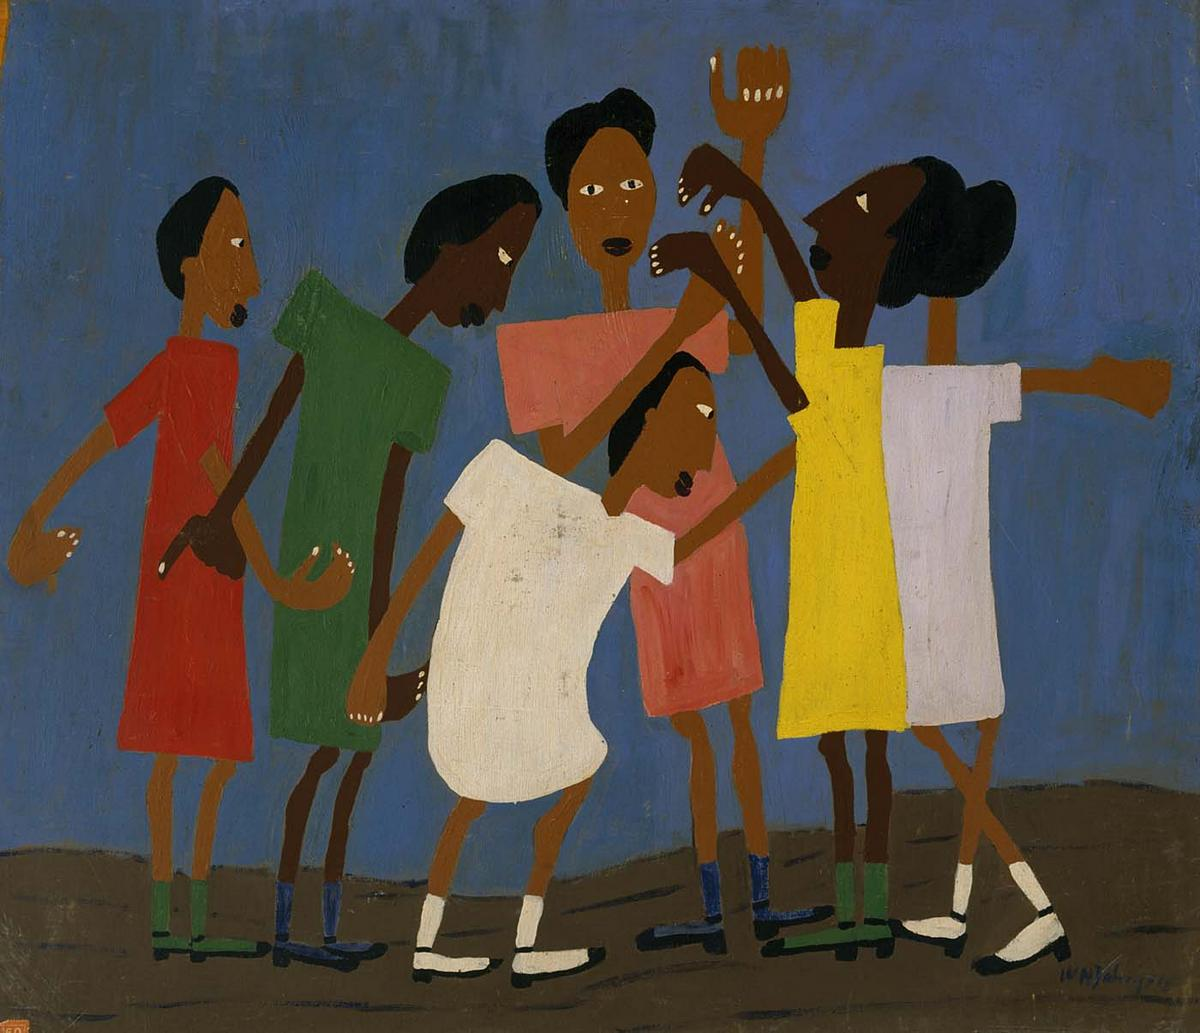 Children Dance - William H. Johnson